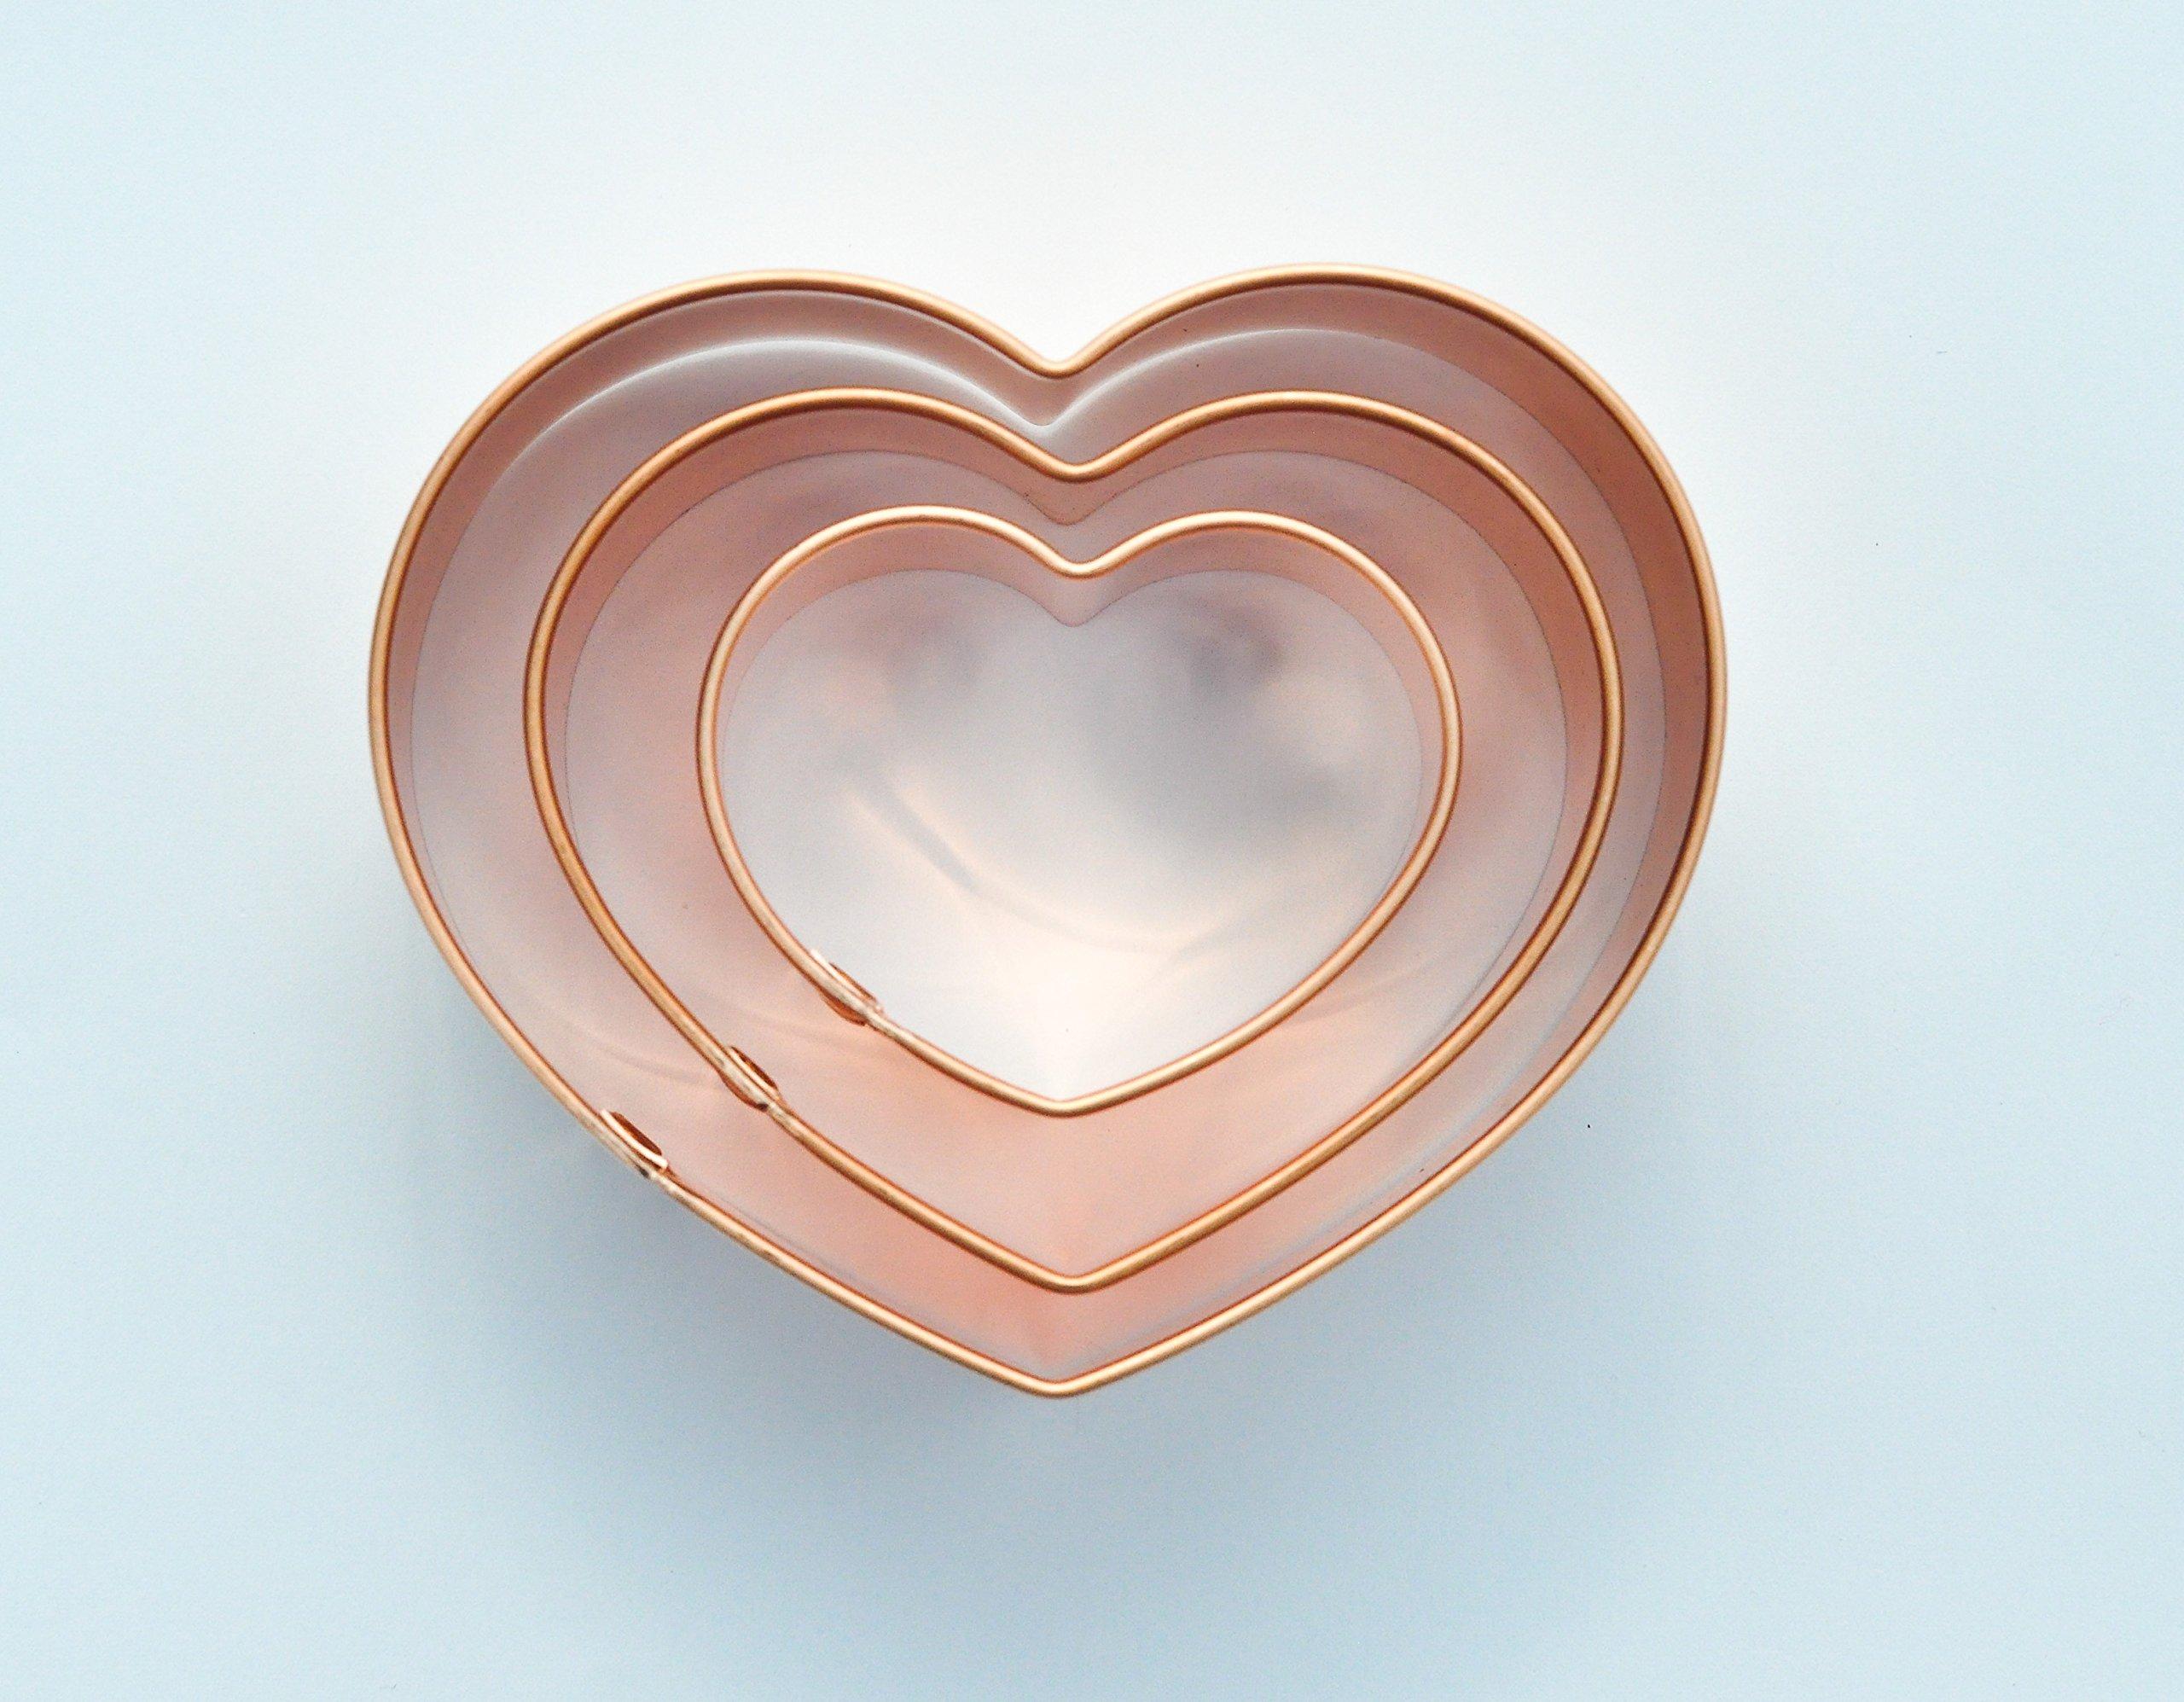 ecrandal Set of 3 Classic Heart copper cookie cutters